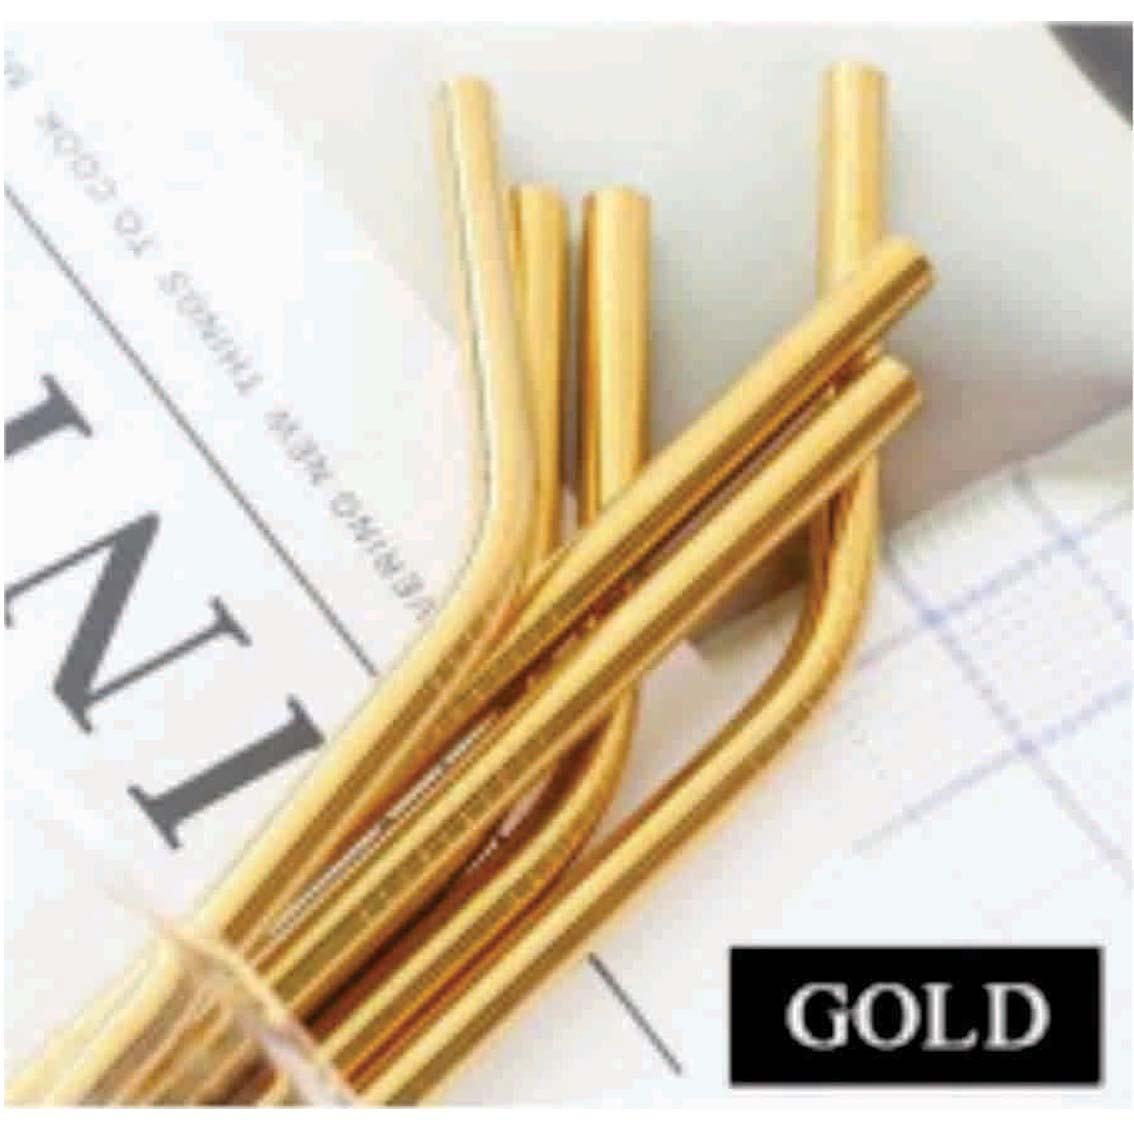 Steel Straw set - Minimum 20 units